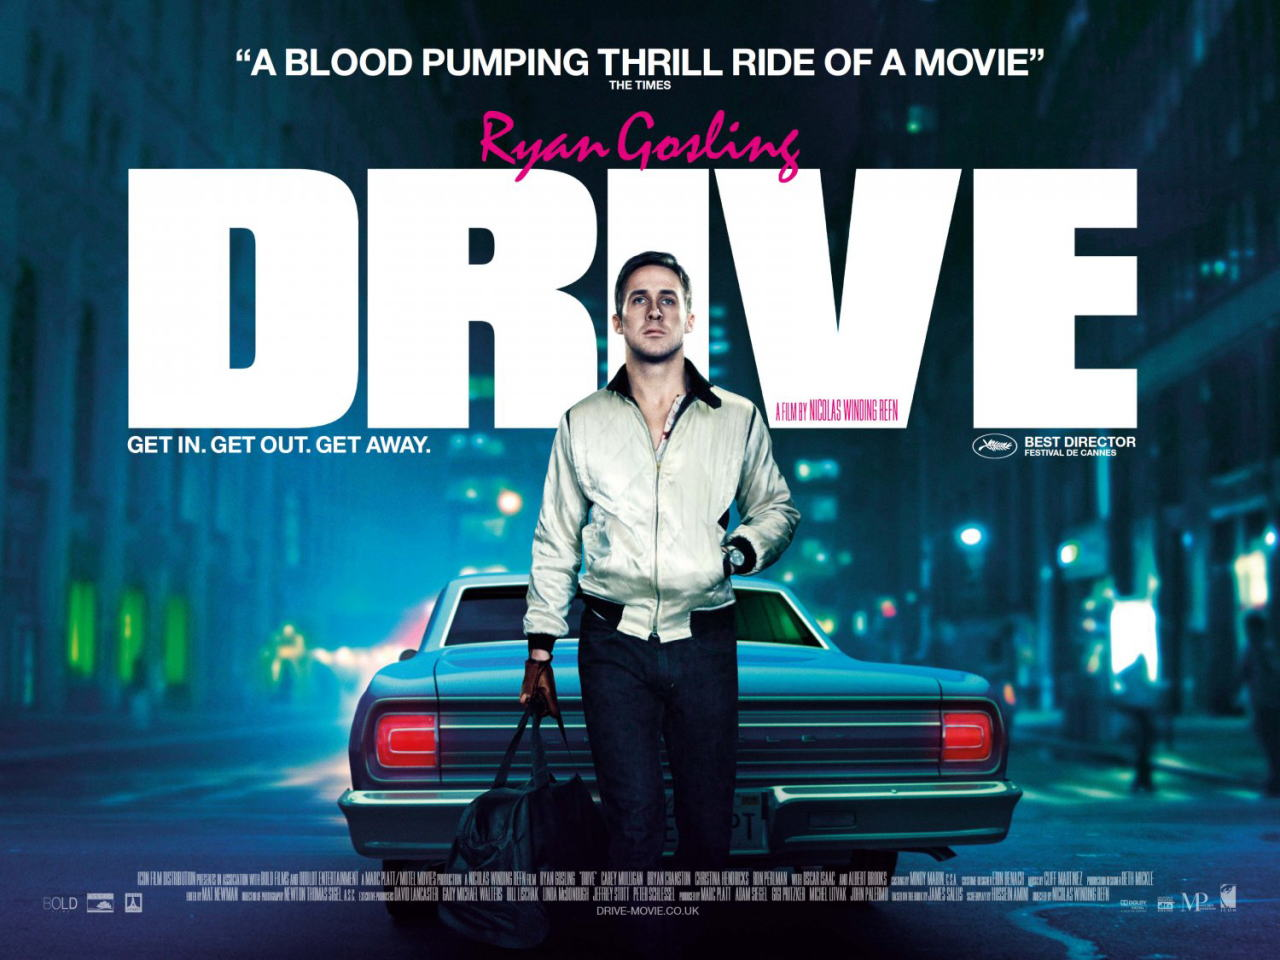 映画『ドライヴ DRIVE』ポスター(3)▼ポスター画像クリックで拡大します。